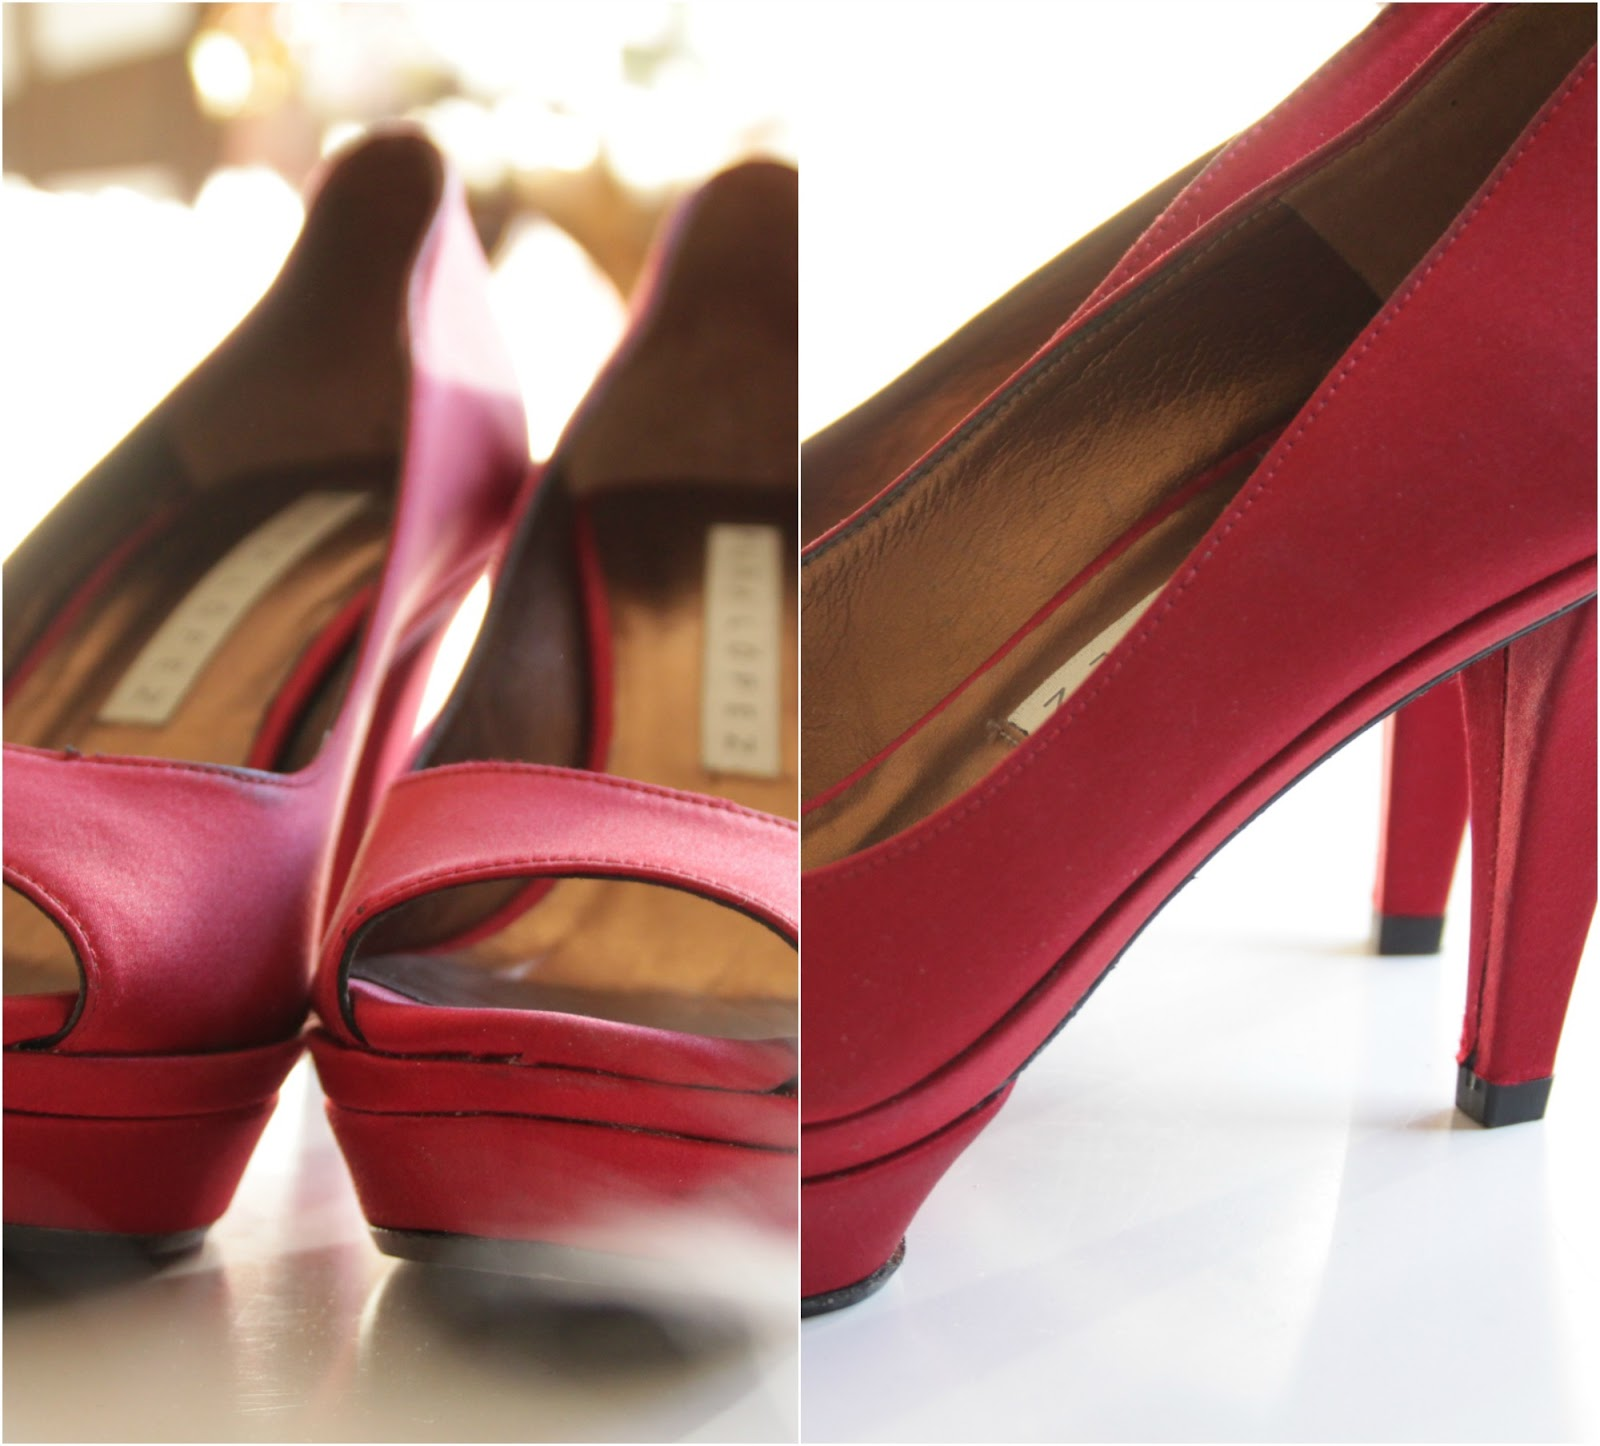 Diese Schuhe trägt man ohne Strumpfhosen und die Beine müssen ein bisschen gebräunt sein